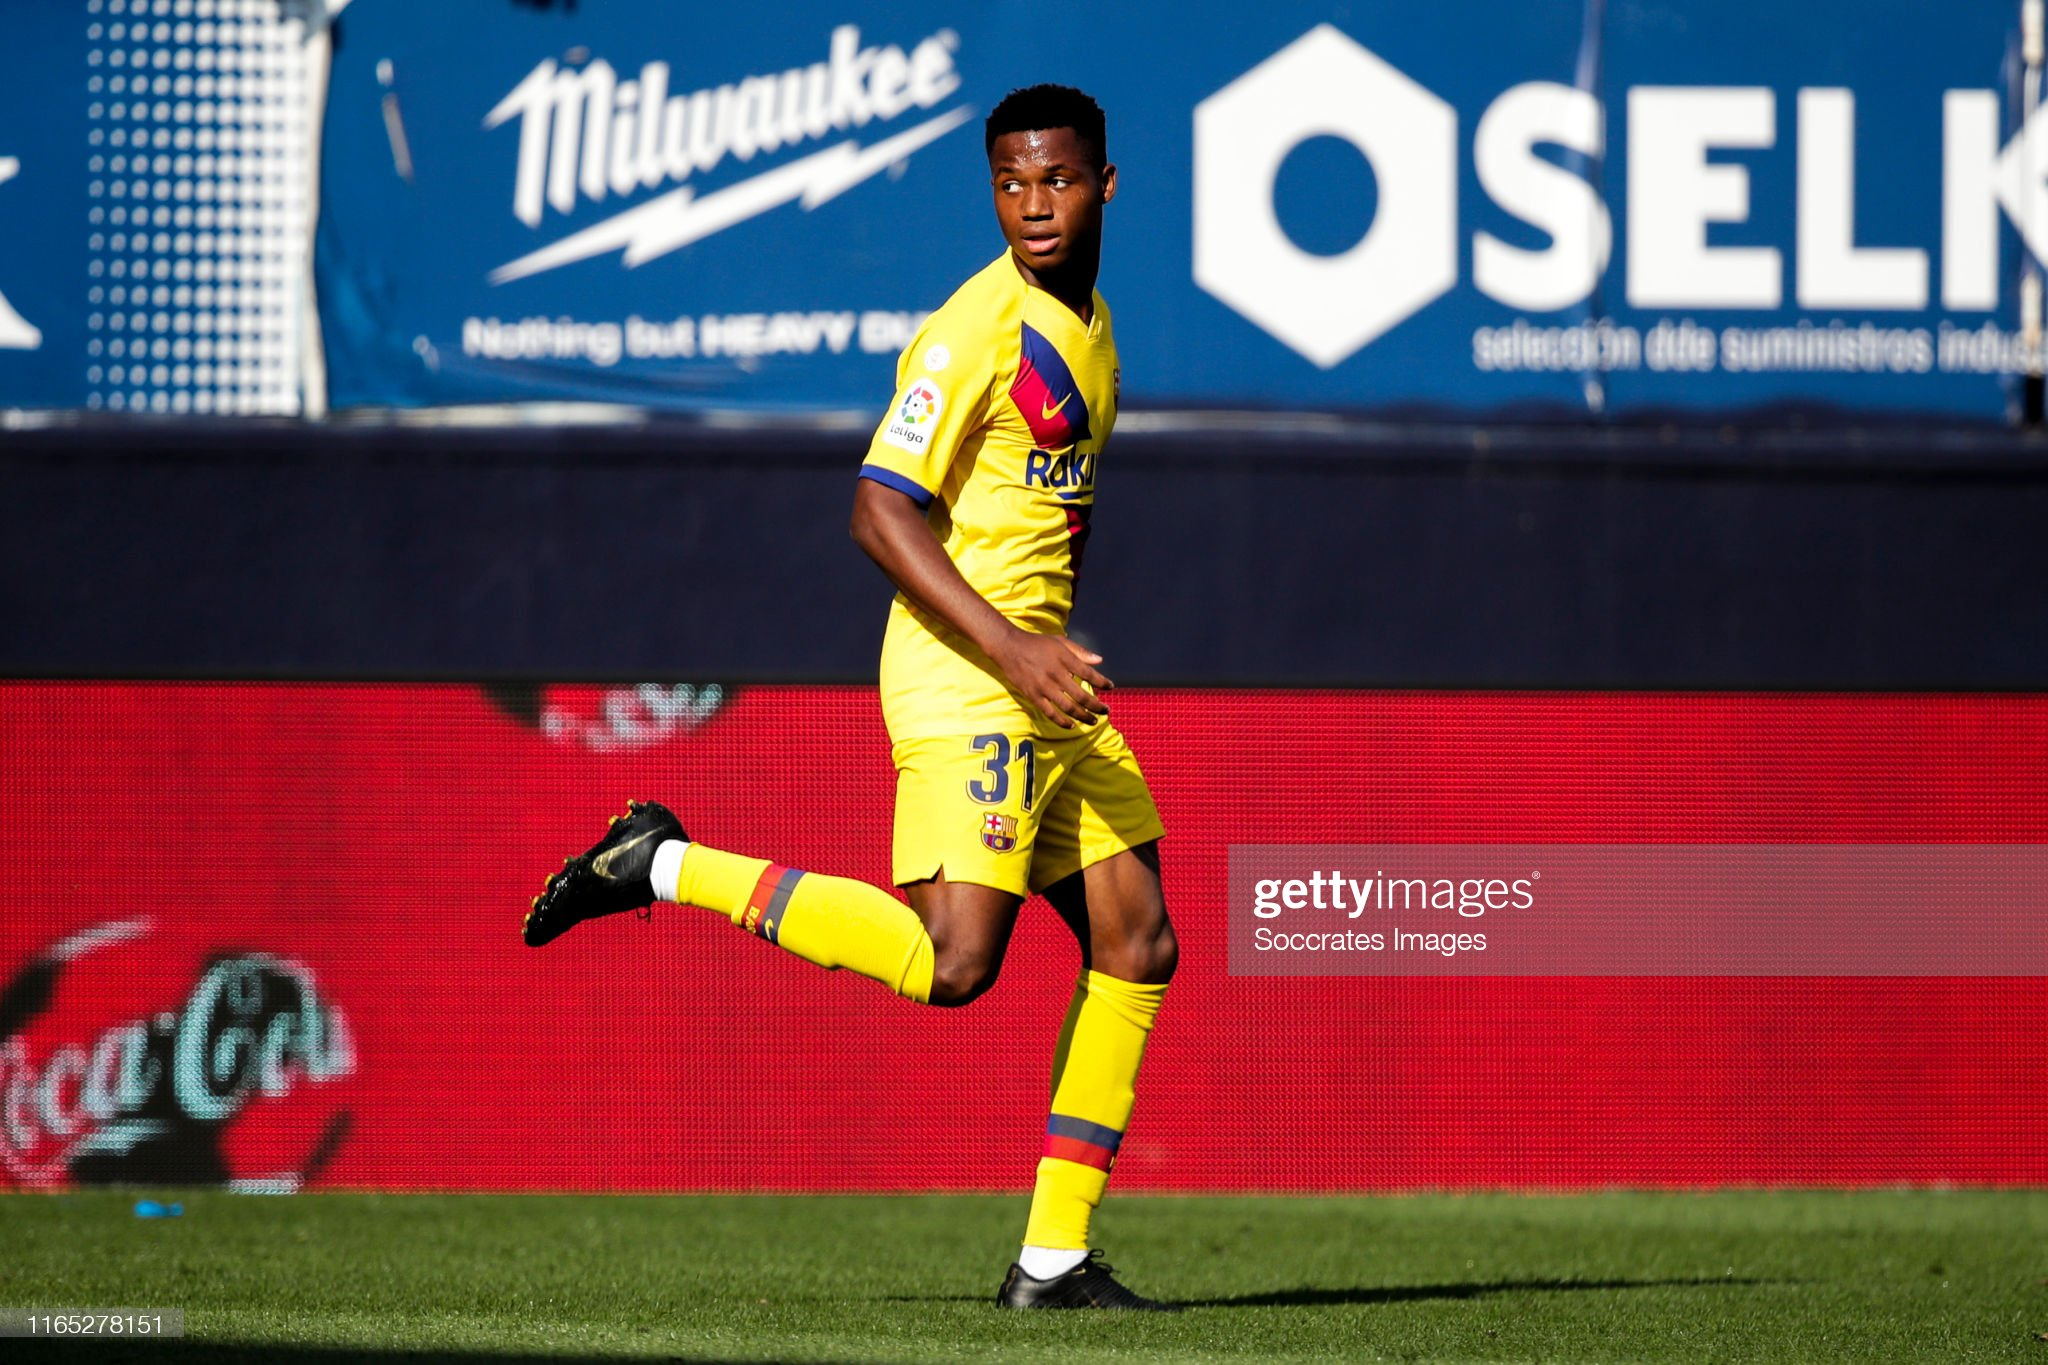 صور مباراة : أوساسونا - برشلونة 2-2 ( 31-08-2019 )  Ansu-fati-of-fc-barcelona-celebrates-goal-11-during-the-la-liga-v-picture-id1165278151?s=2048x2048